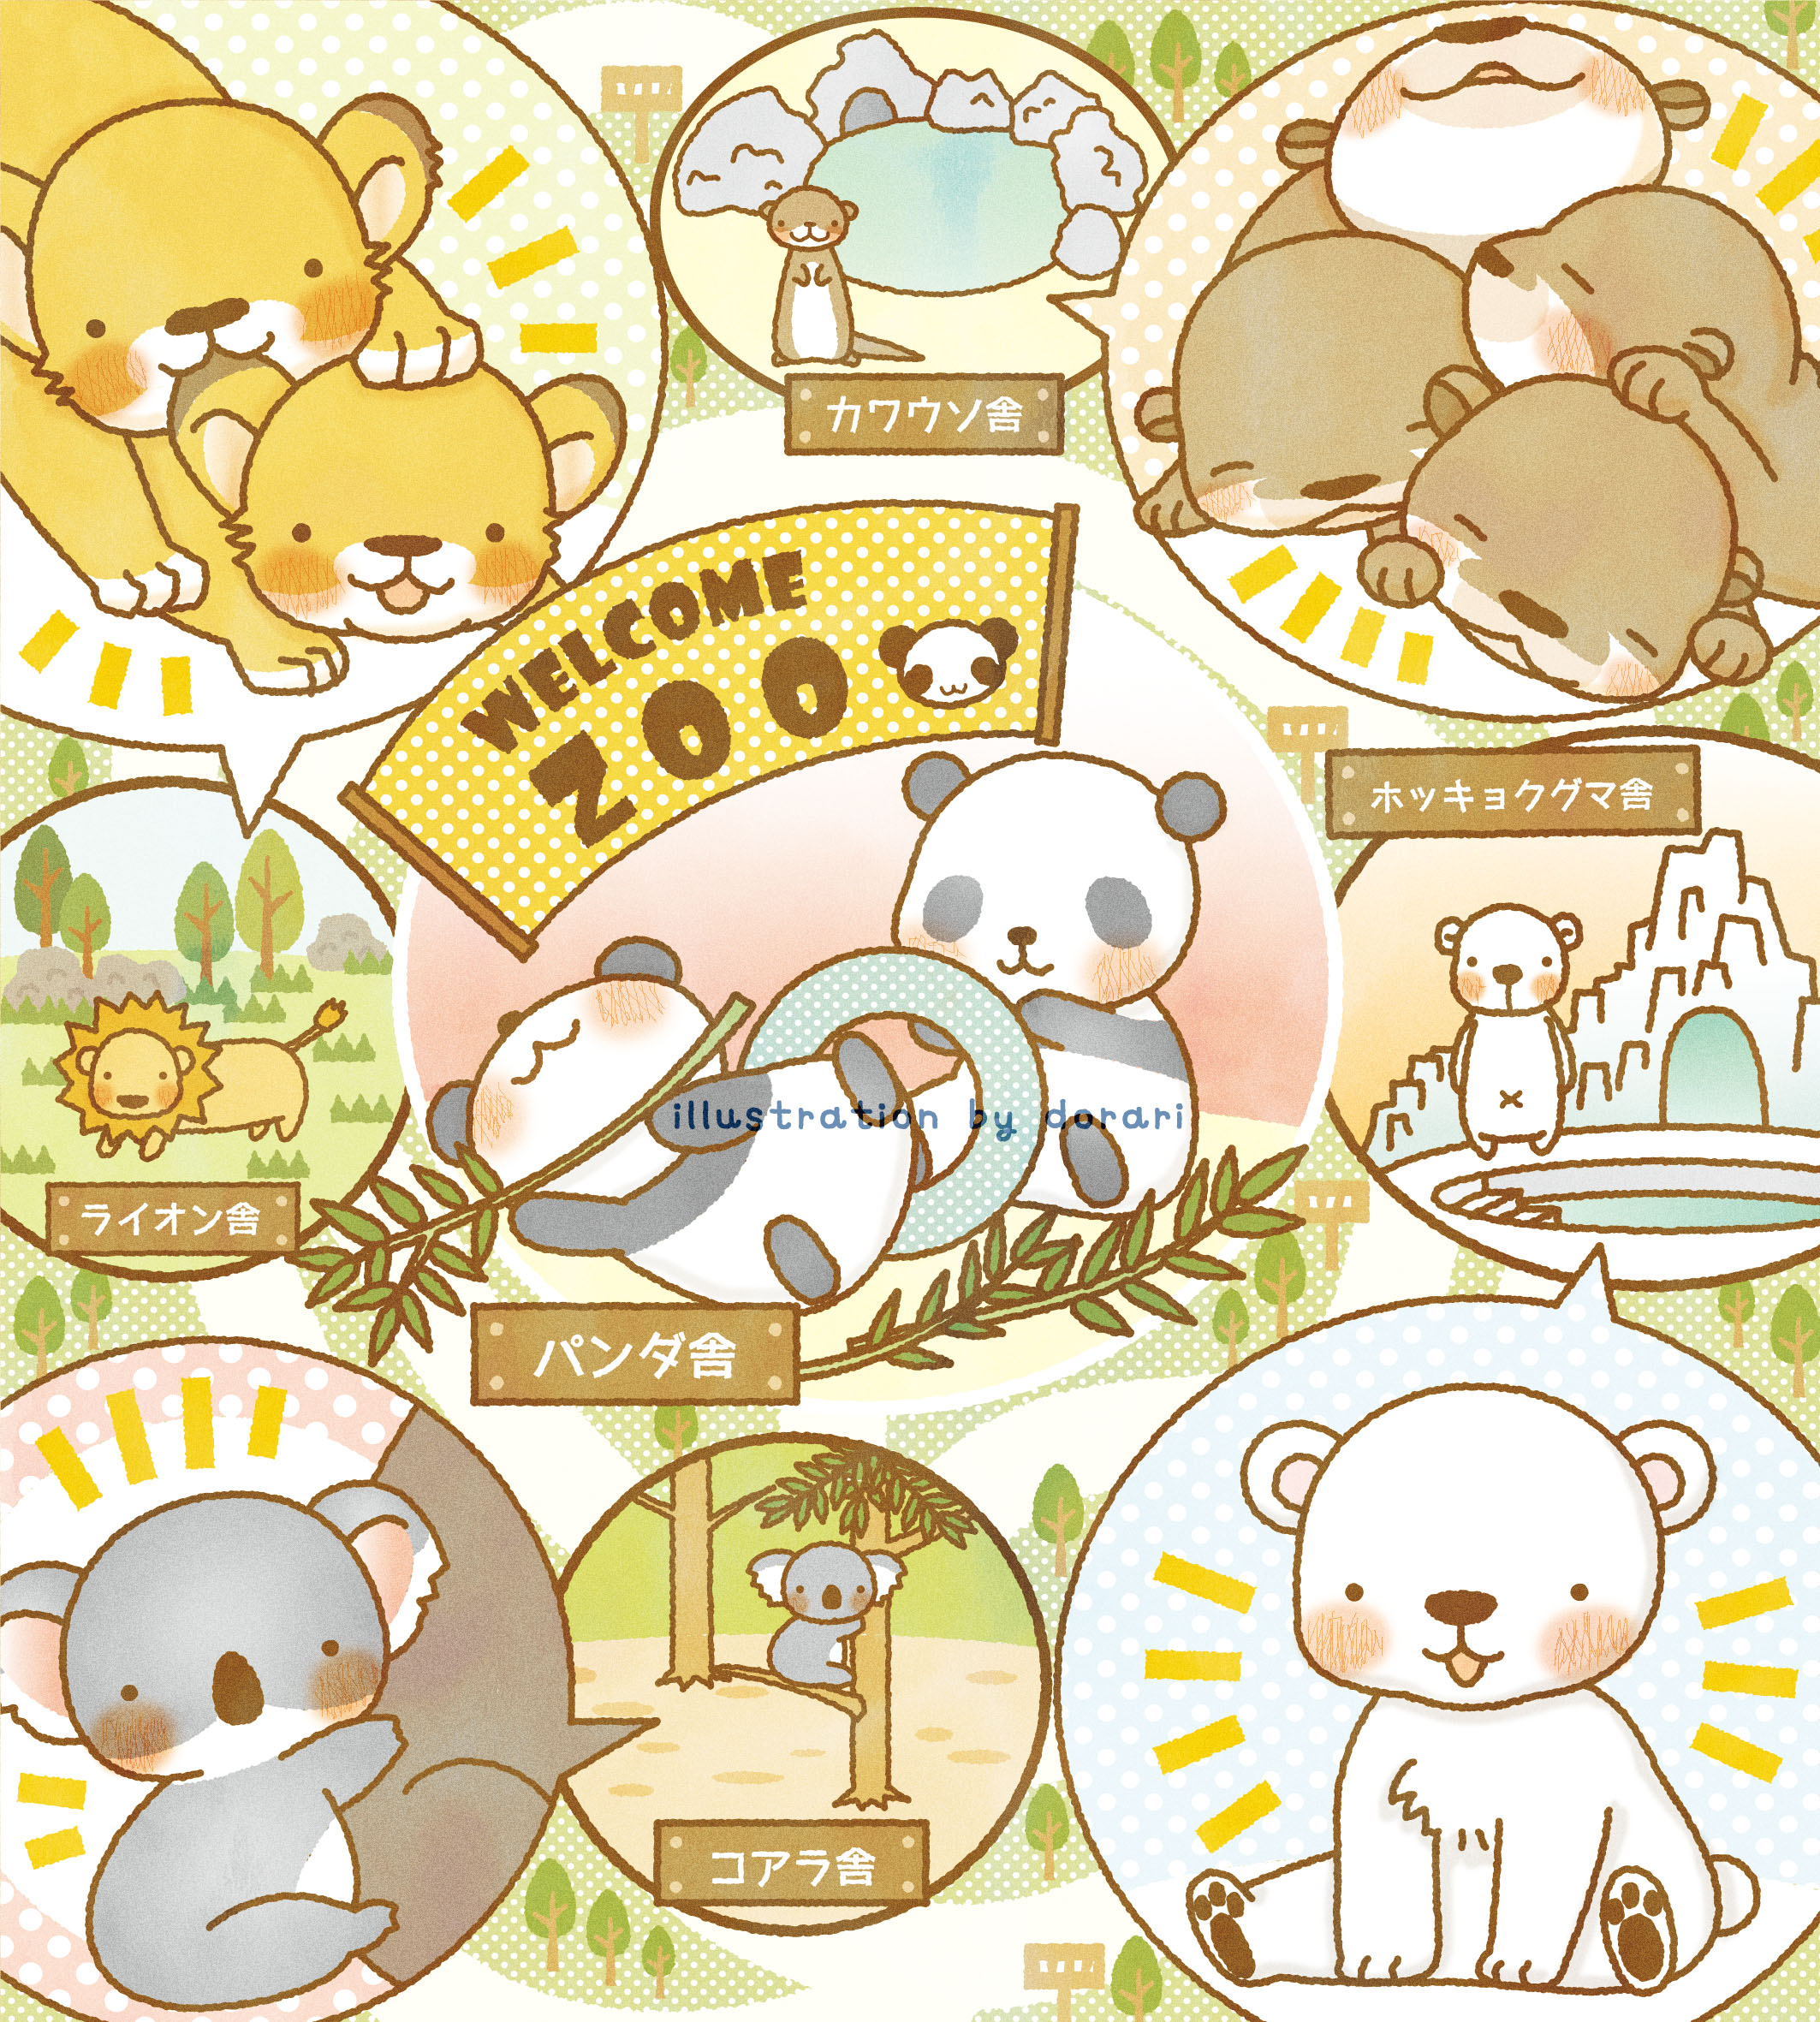 動物園は赤ちゃんラッシュ